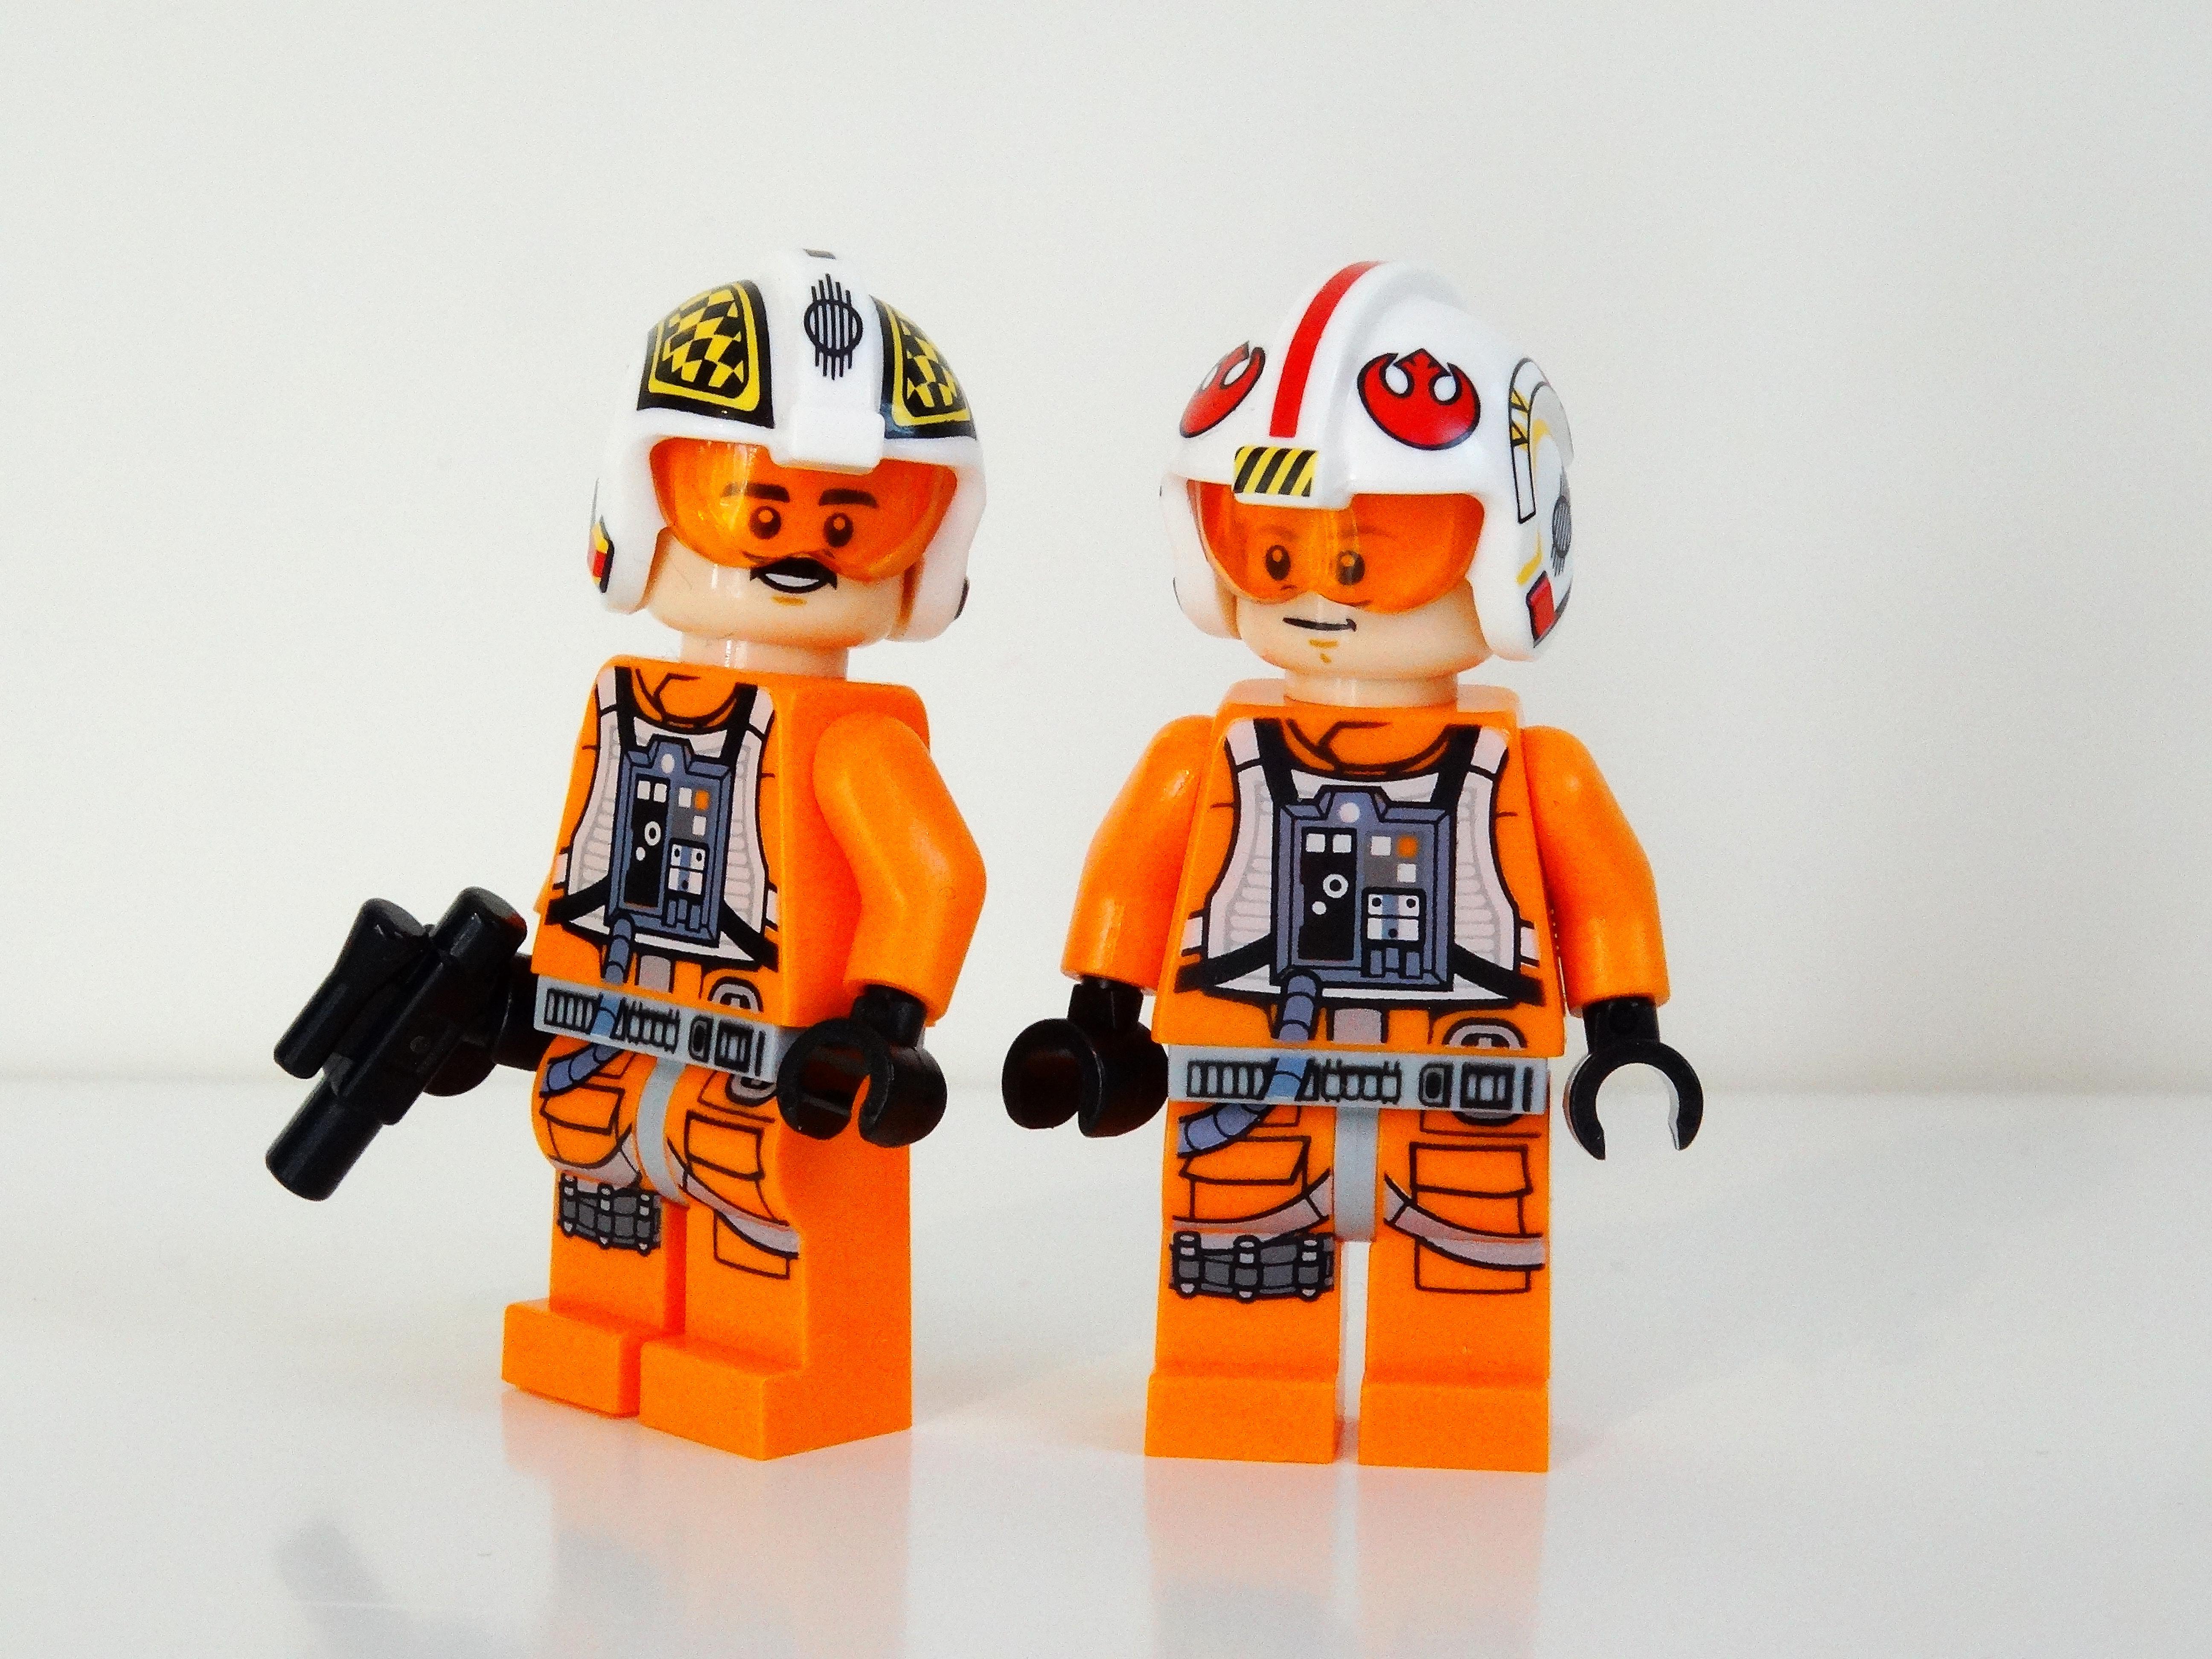 Biggs Darklighter und Luke Skywalker mit Helm als Lego-Minifiguren.